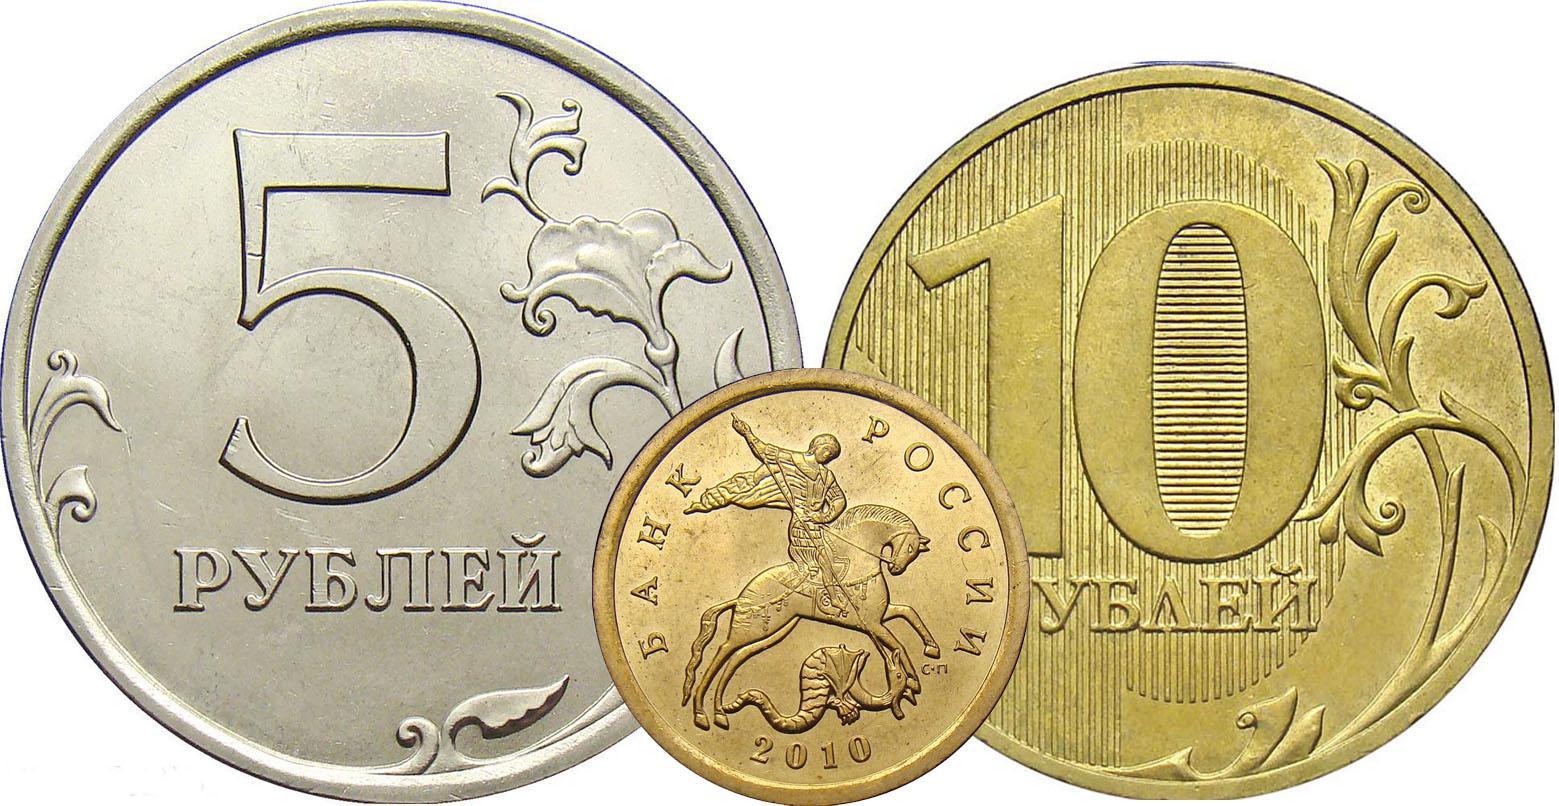 Цены на монеты 2010 года